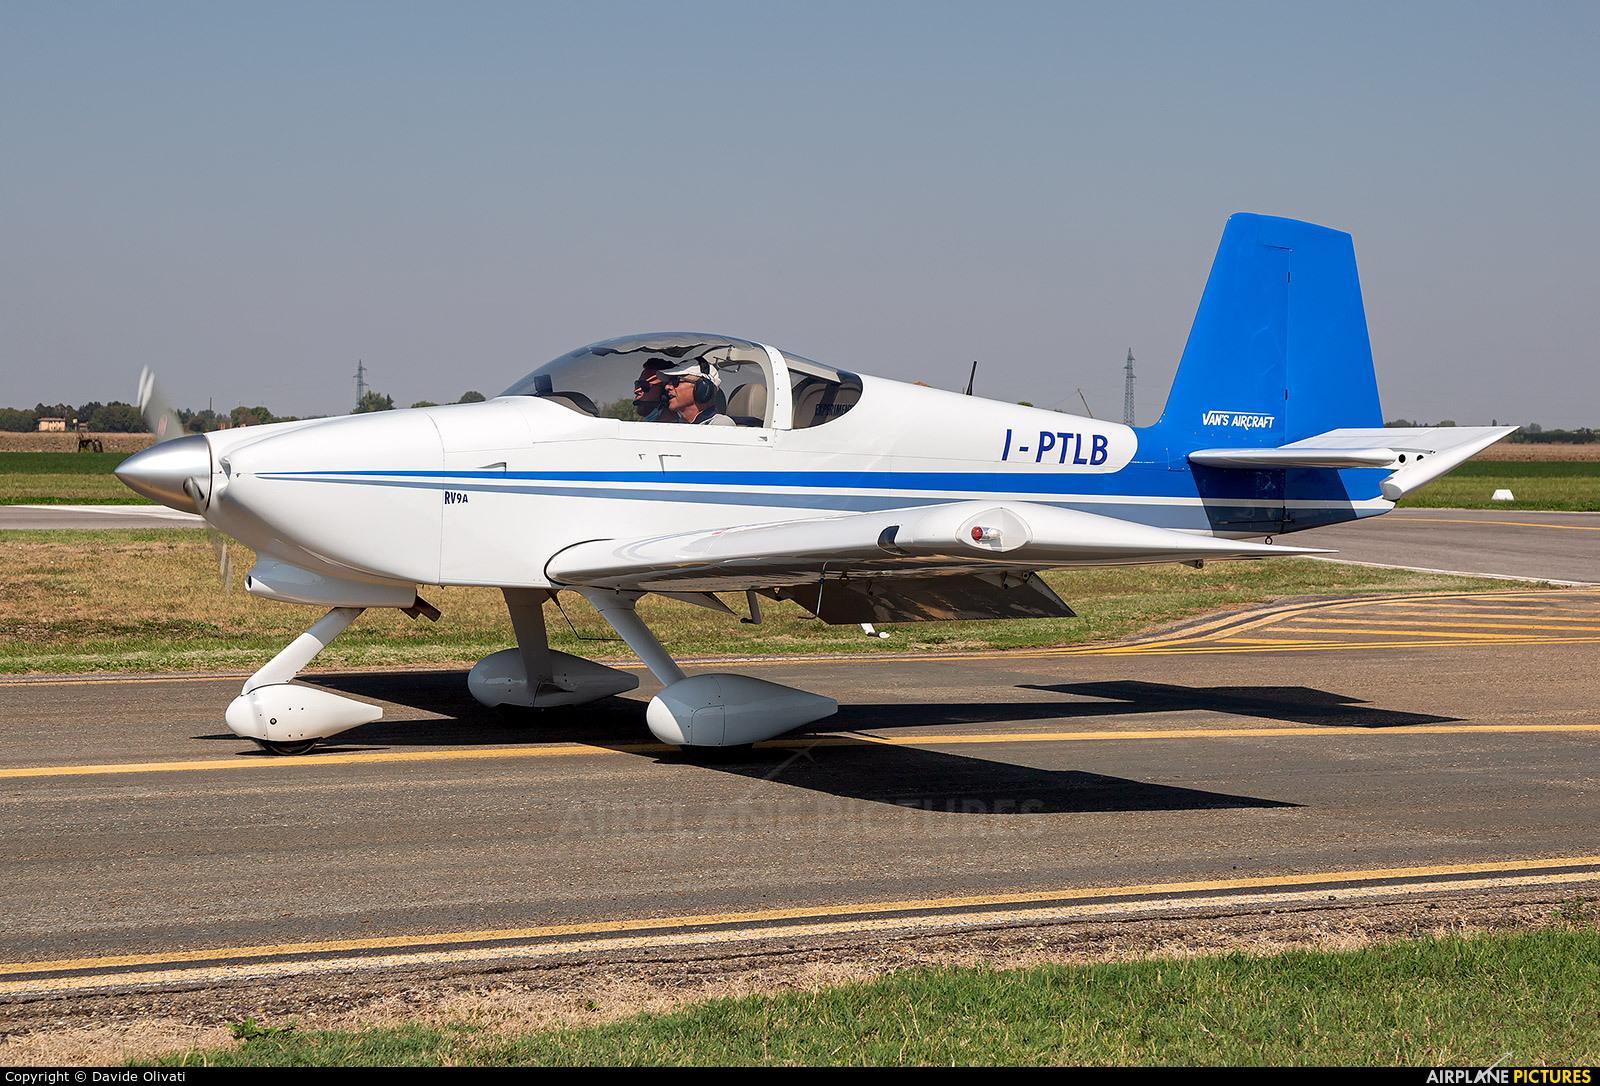 Private I-PTLB aircraft at Ozzano dell